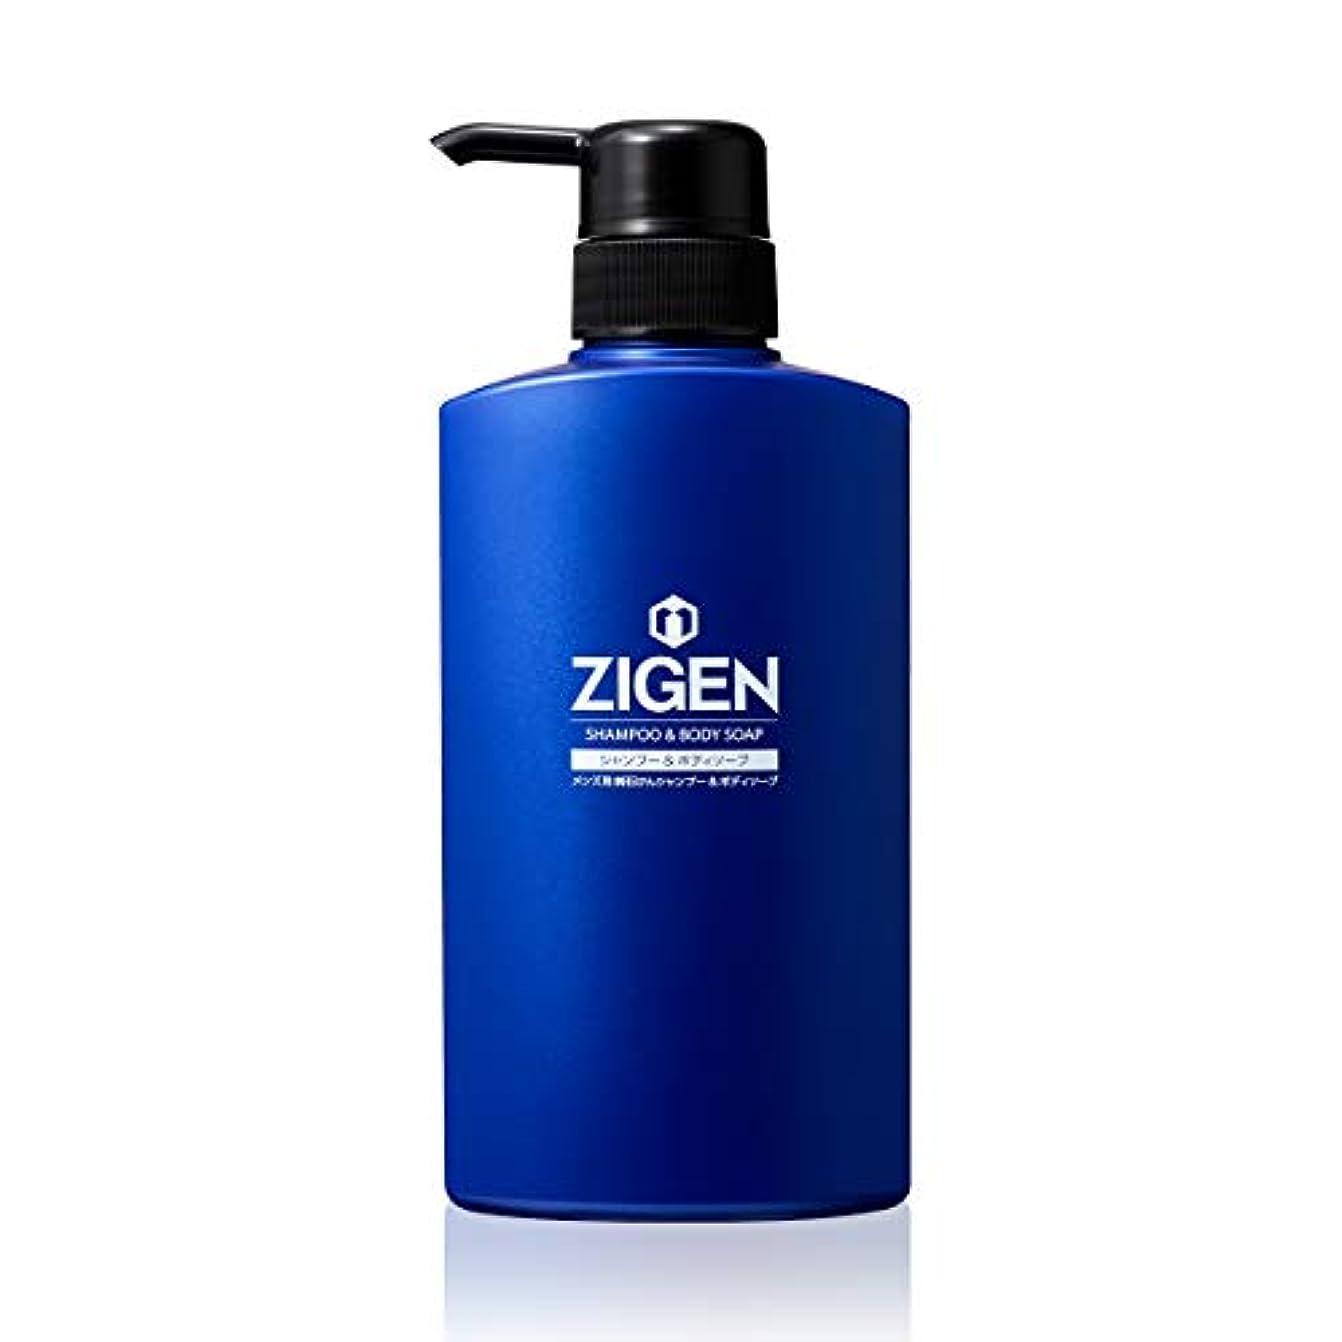 デッキリンス検証ZIGEN (ジゲン) 純石けん オールインワン シャンプー&ボディソープ 500ml [ メンズ用 全身 合成界面活性剤不使用 ]